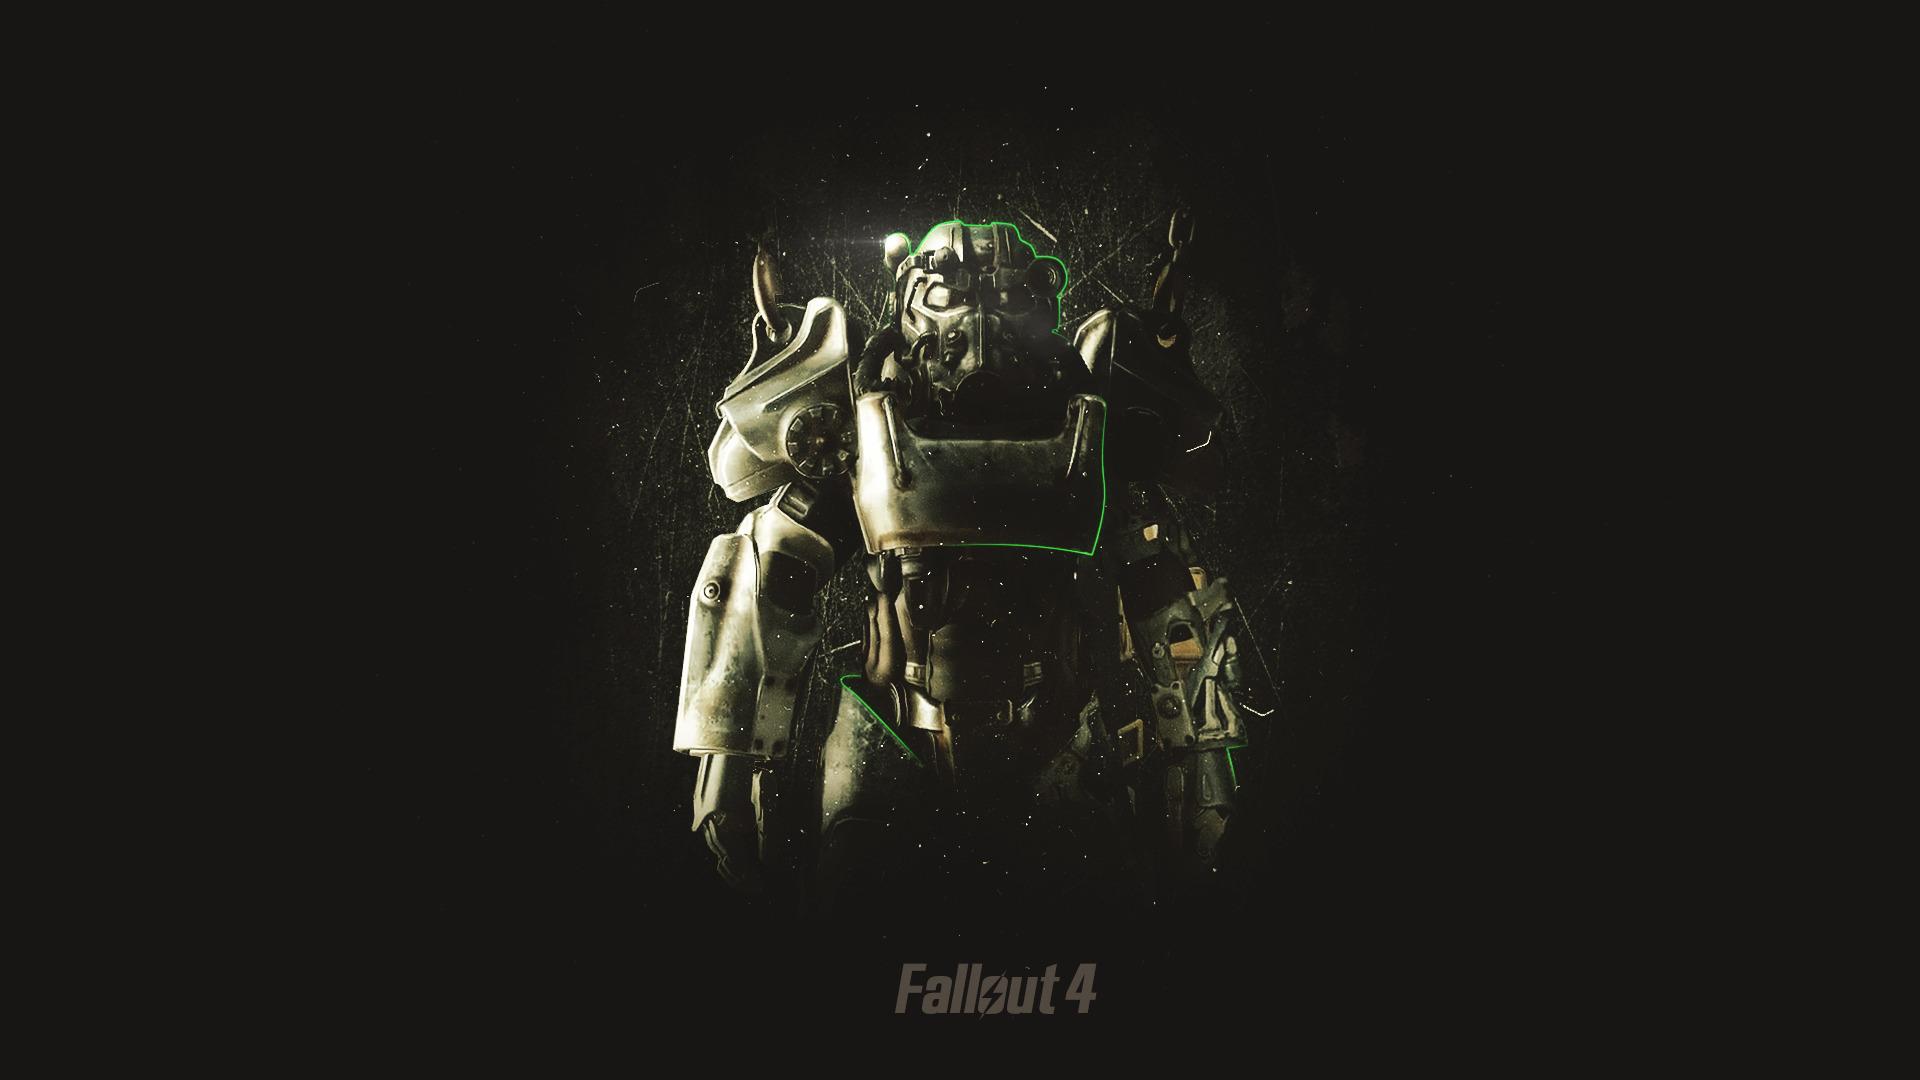 fallout-4-hd-image.jpg